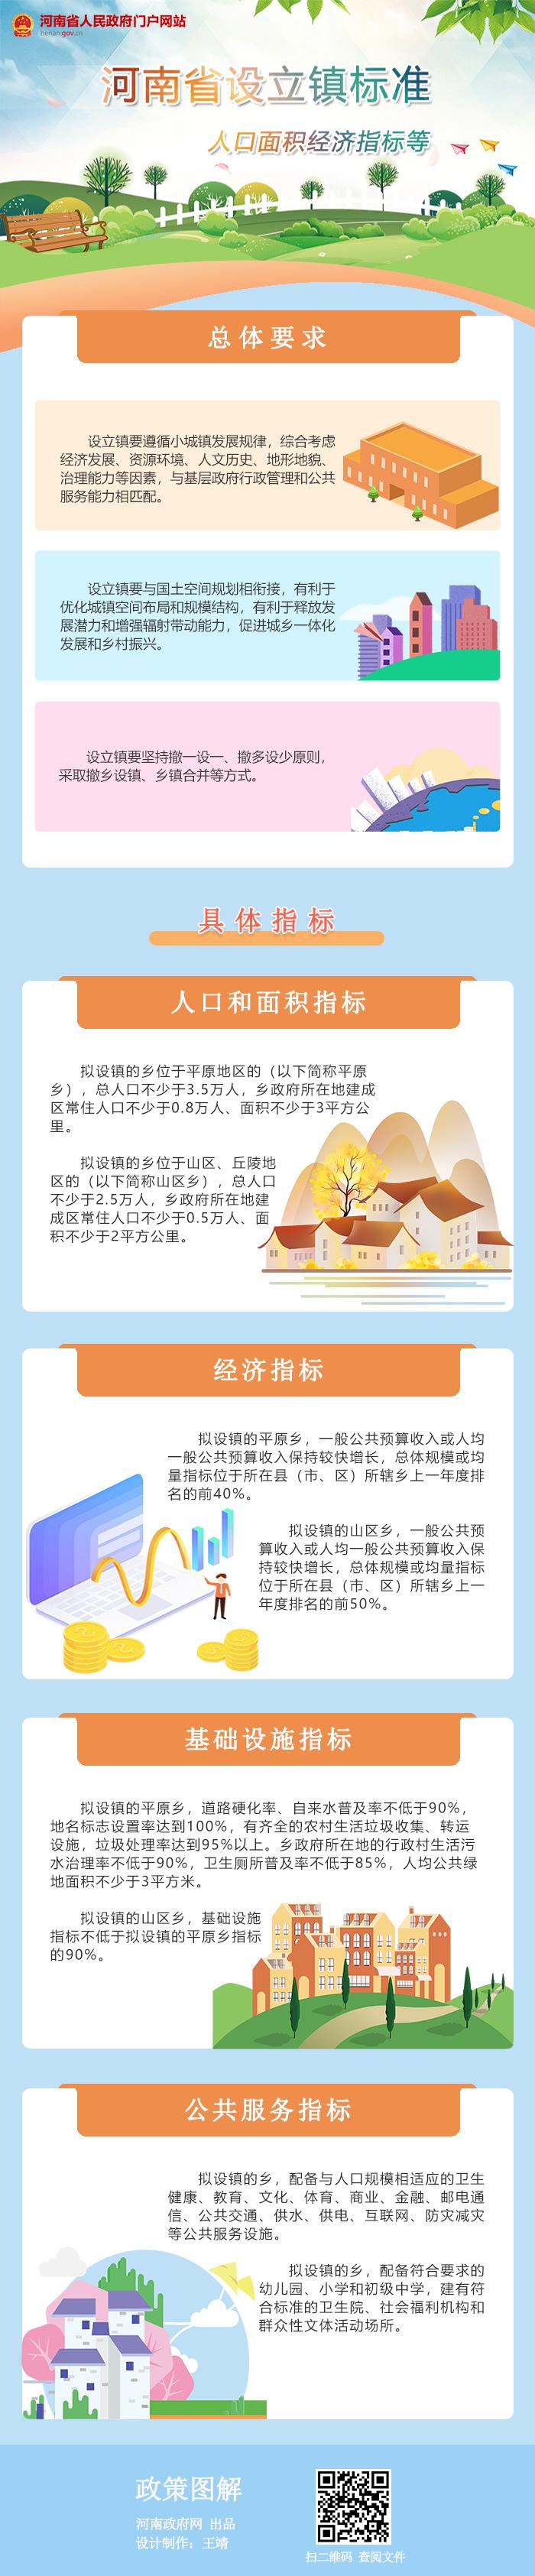 图解:河南省设立镇标准